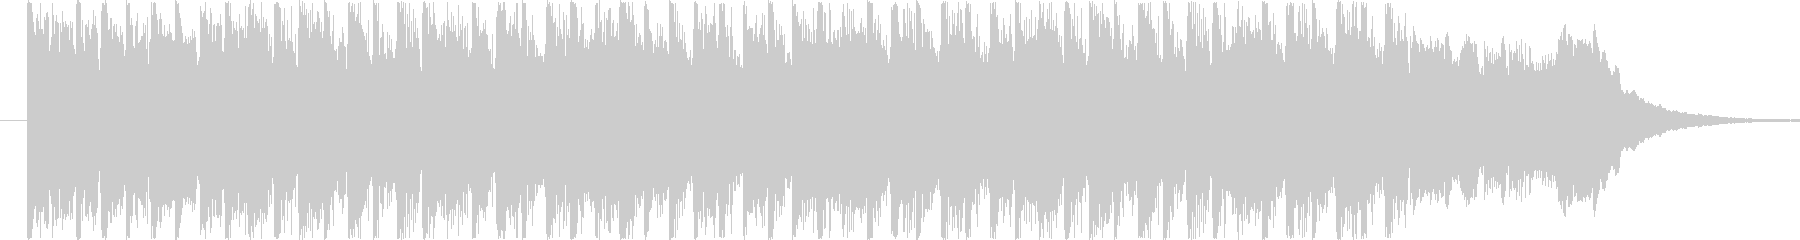 疾走感溢れるテクノ風BGM(15ver)の未再生の波形